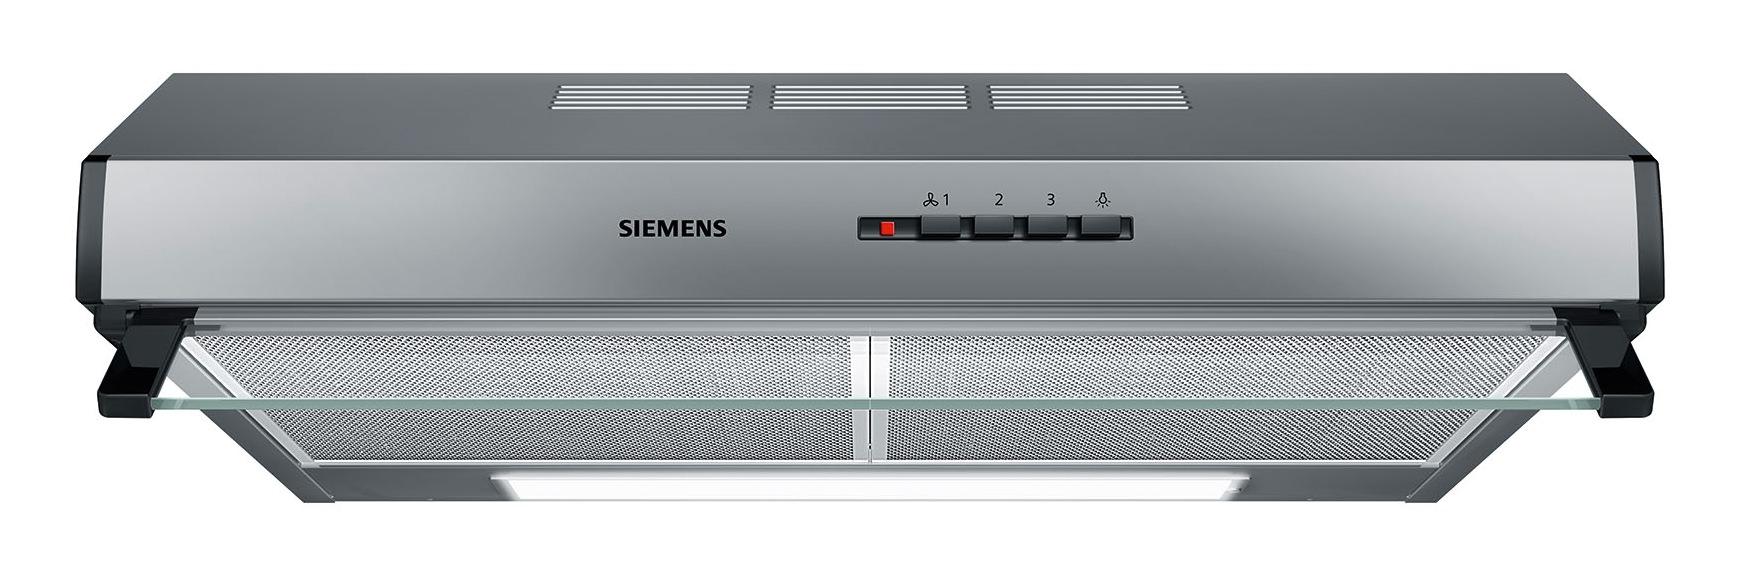 Siemens Dunstabzugshaube Ersatzteile 2021